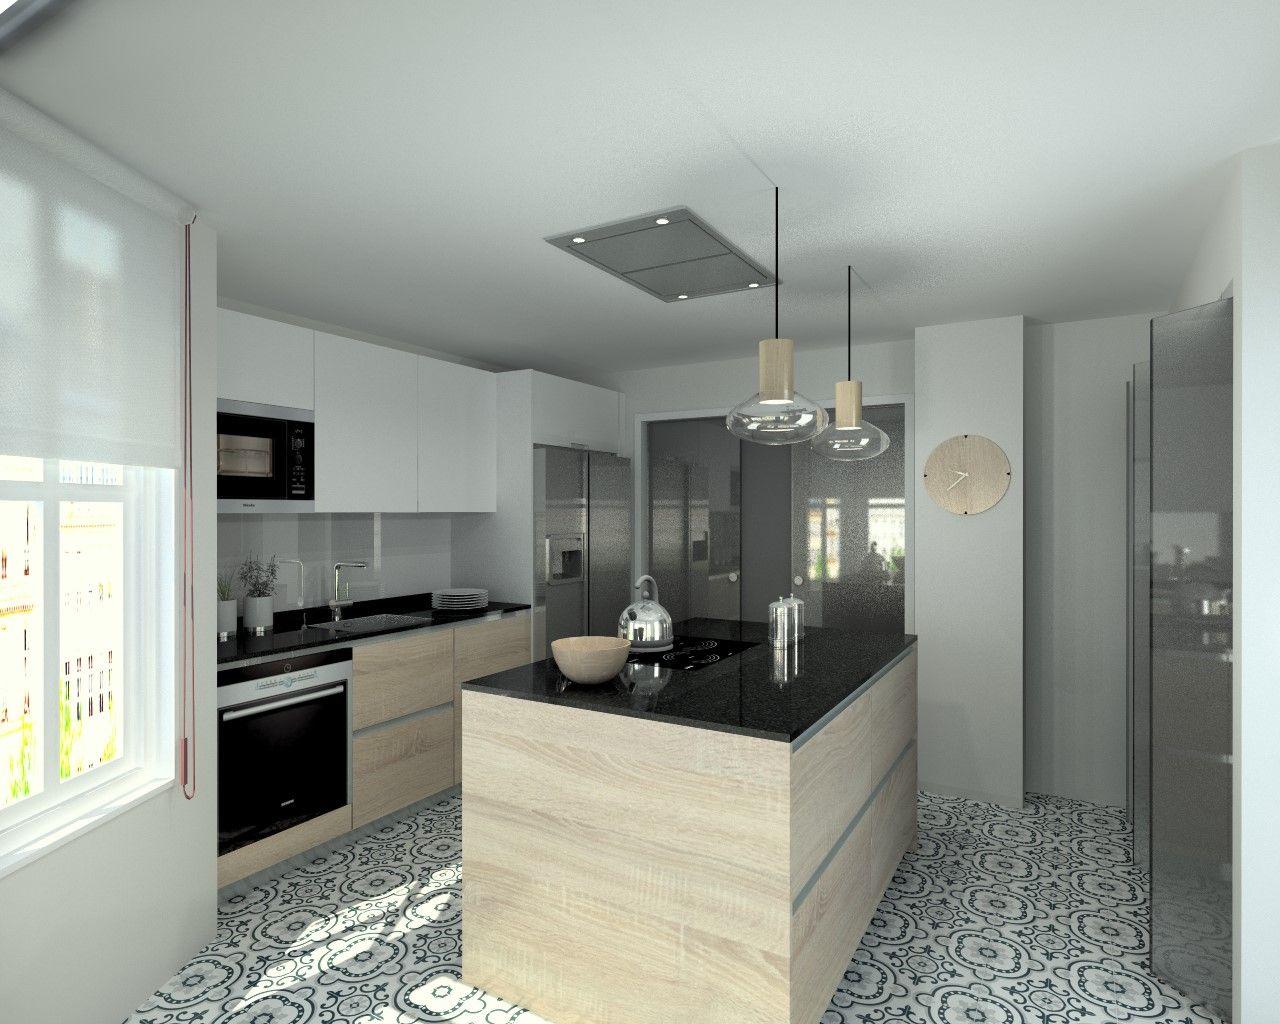 Cocinas santos modelo line estratificado roble barrica encimera granito negro cocina house - Encimera cocina granito ...